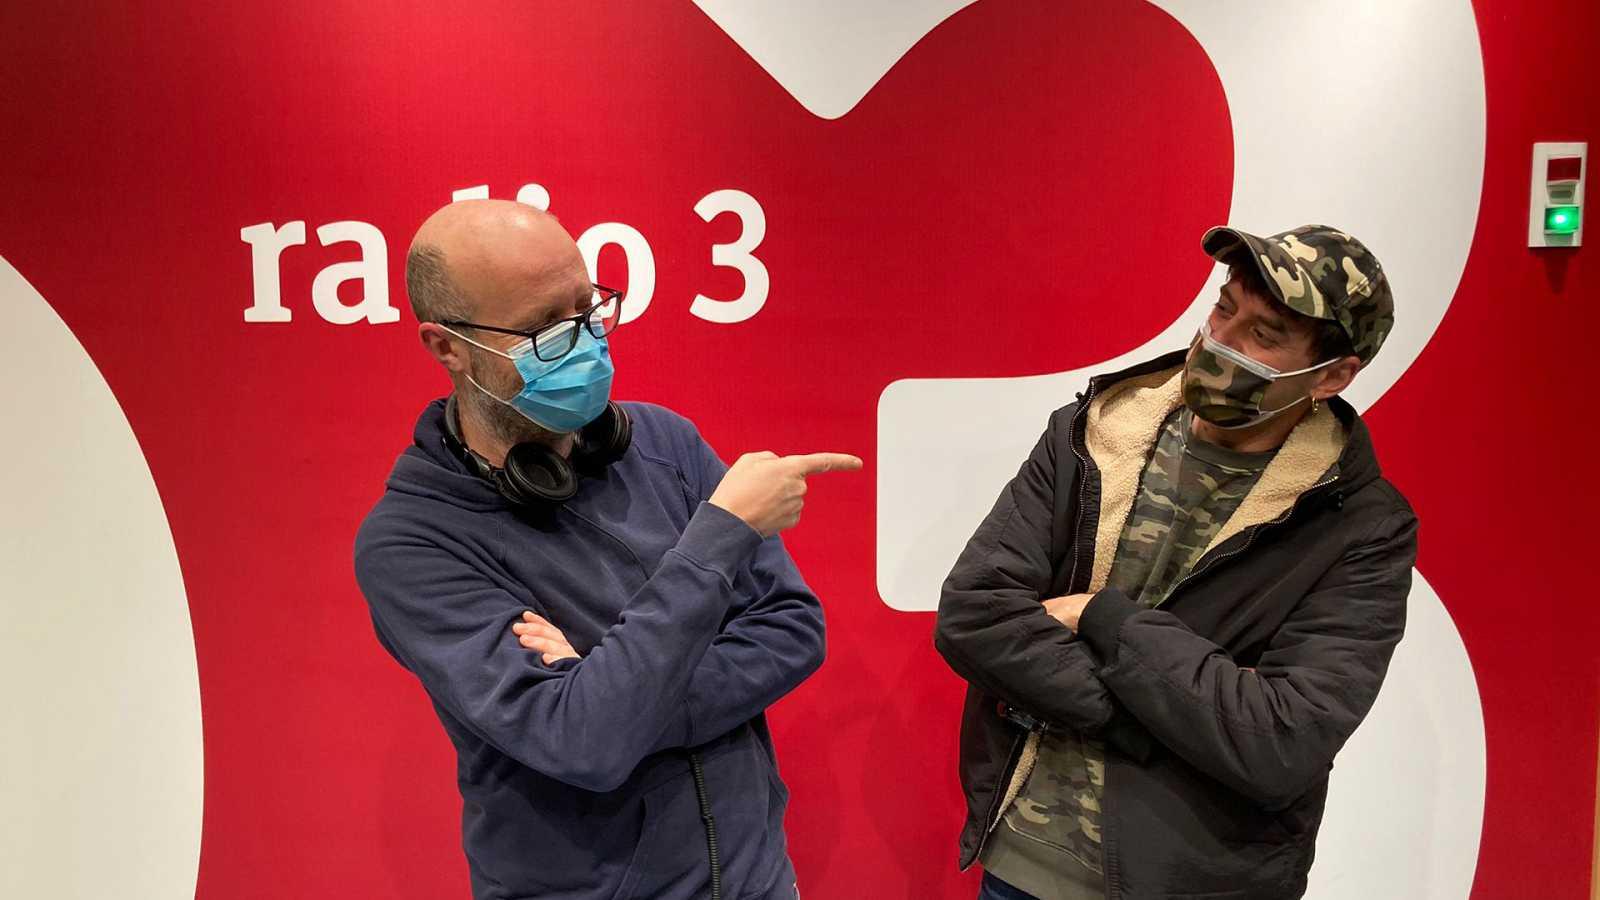 Hoy empieza todo con Ángel Carmona - RomeroMartín, La guerra del Streaming y Plan de Fuga - 21/04/21 - escuchar ahora